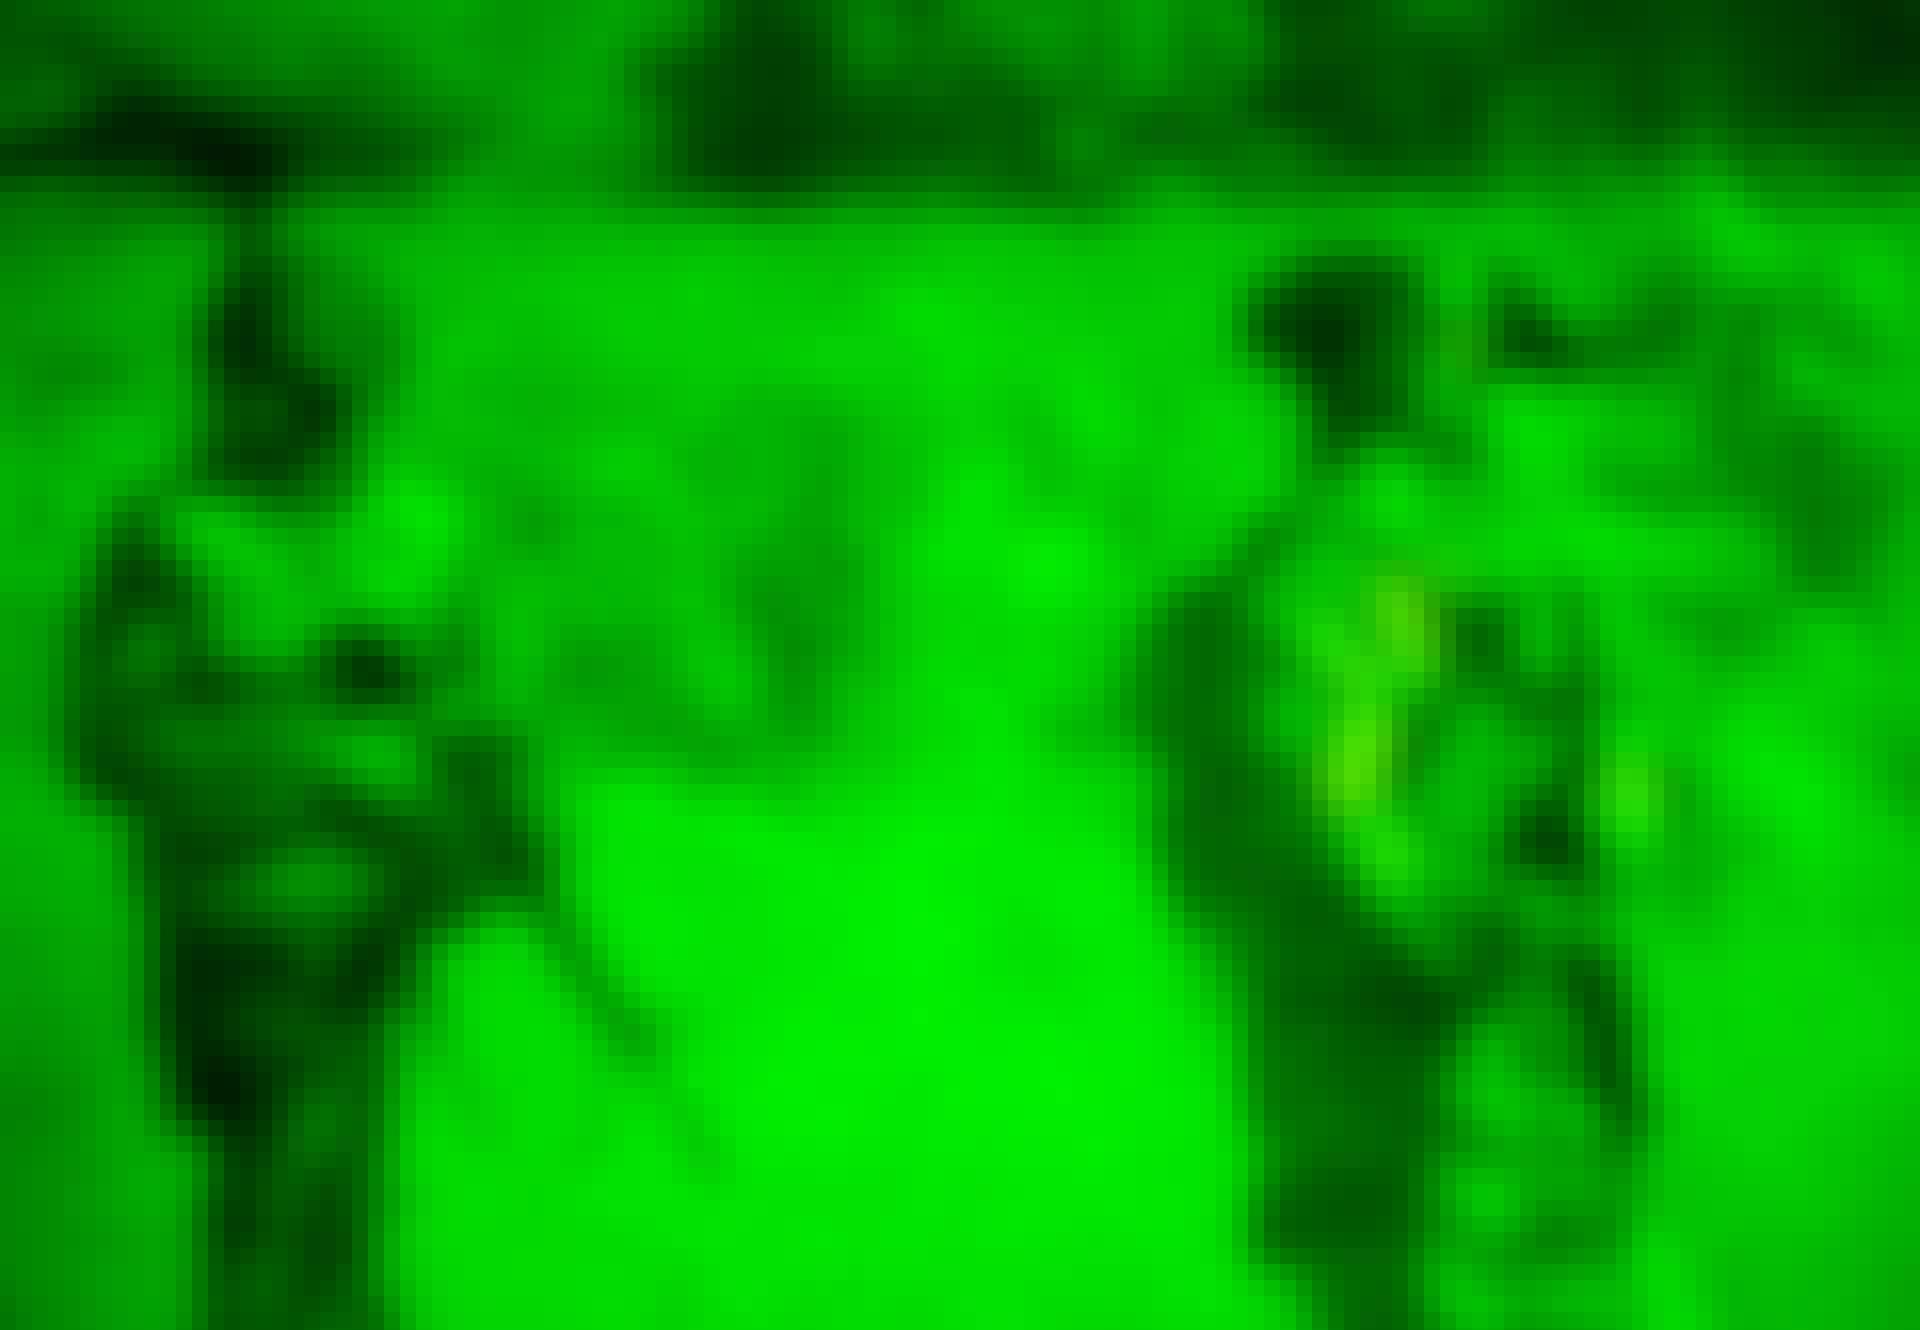 Briller nattesyn - grønligt skær